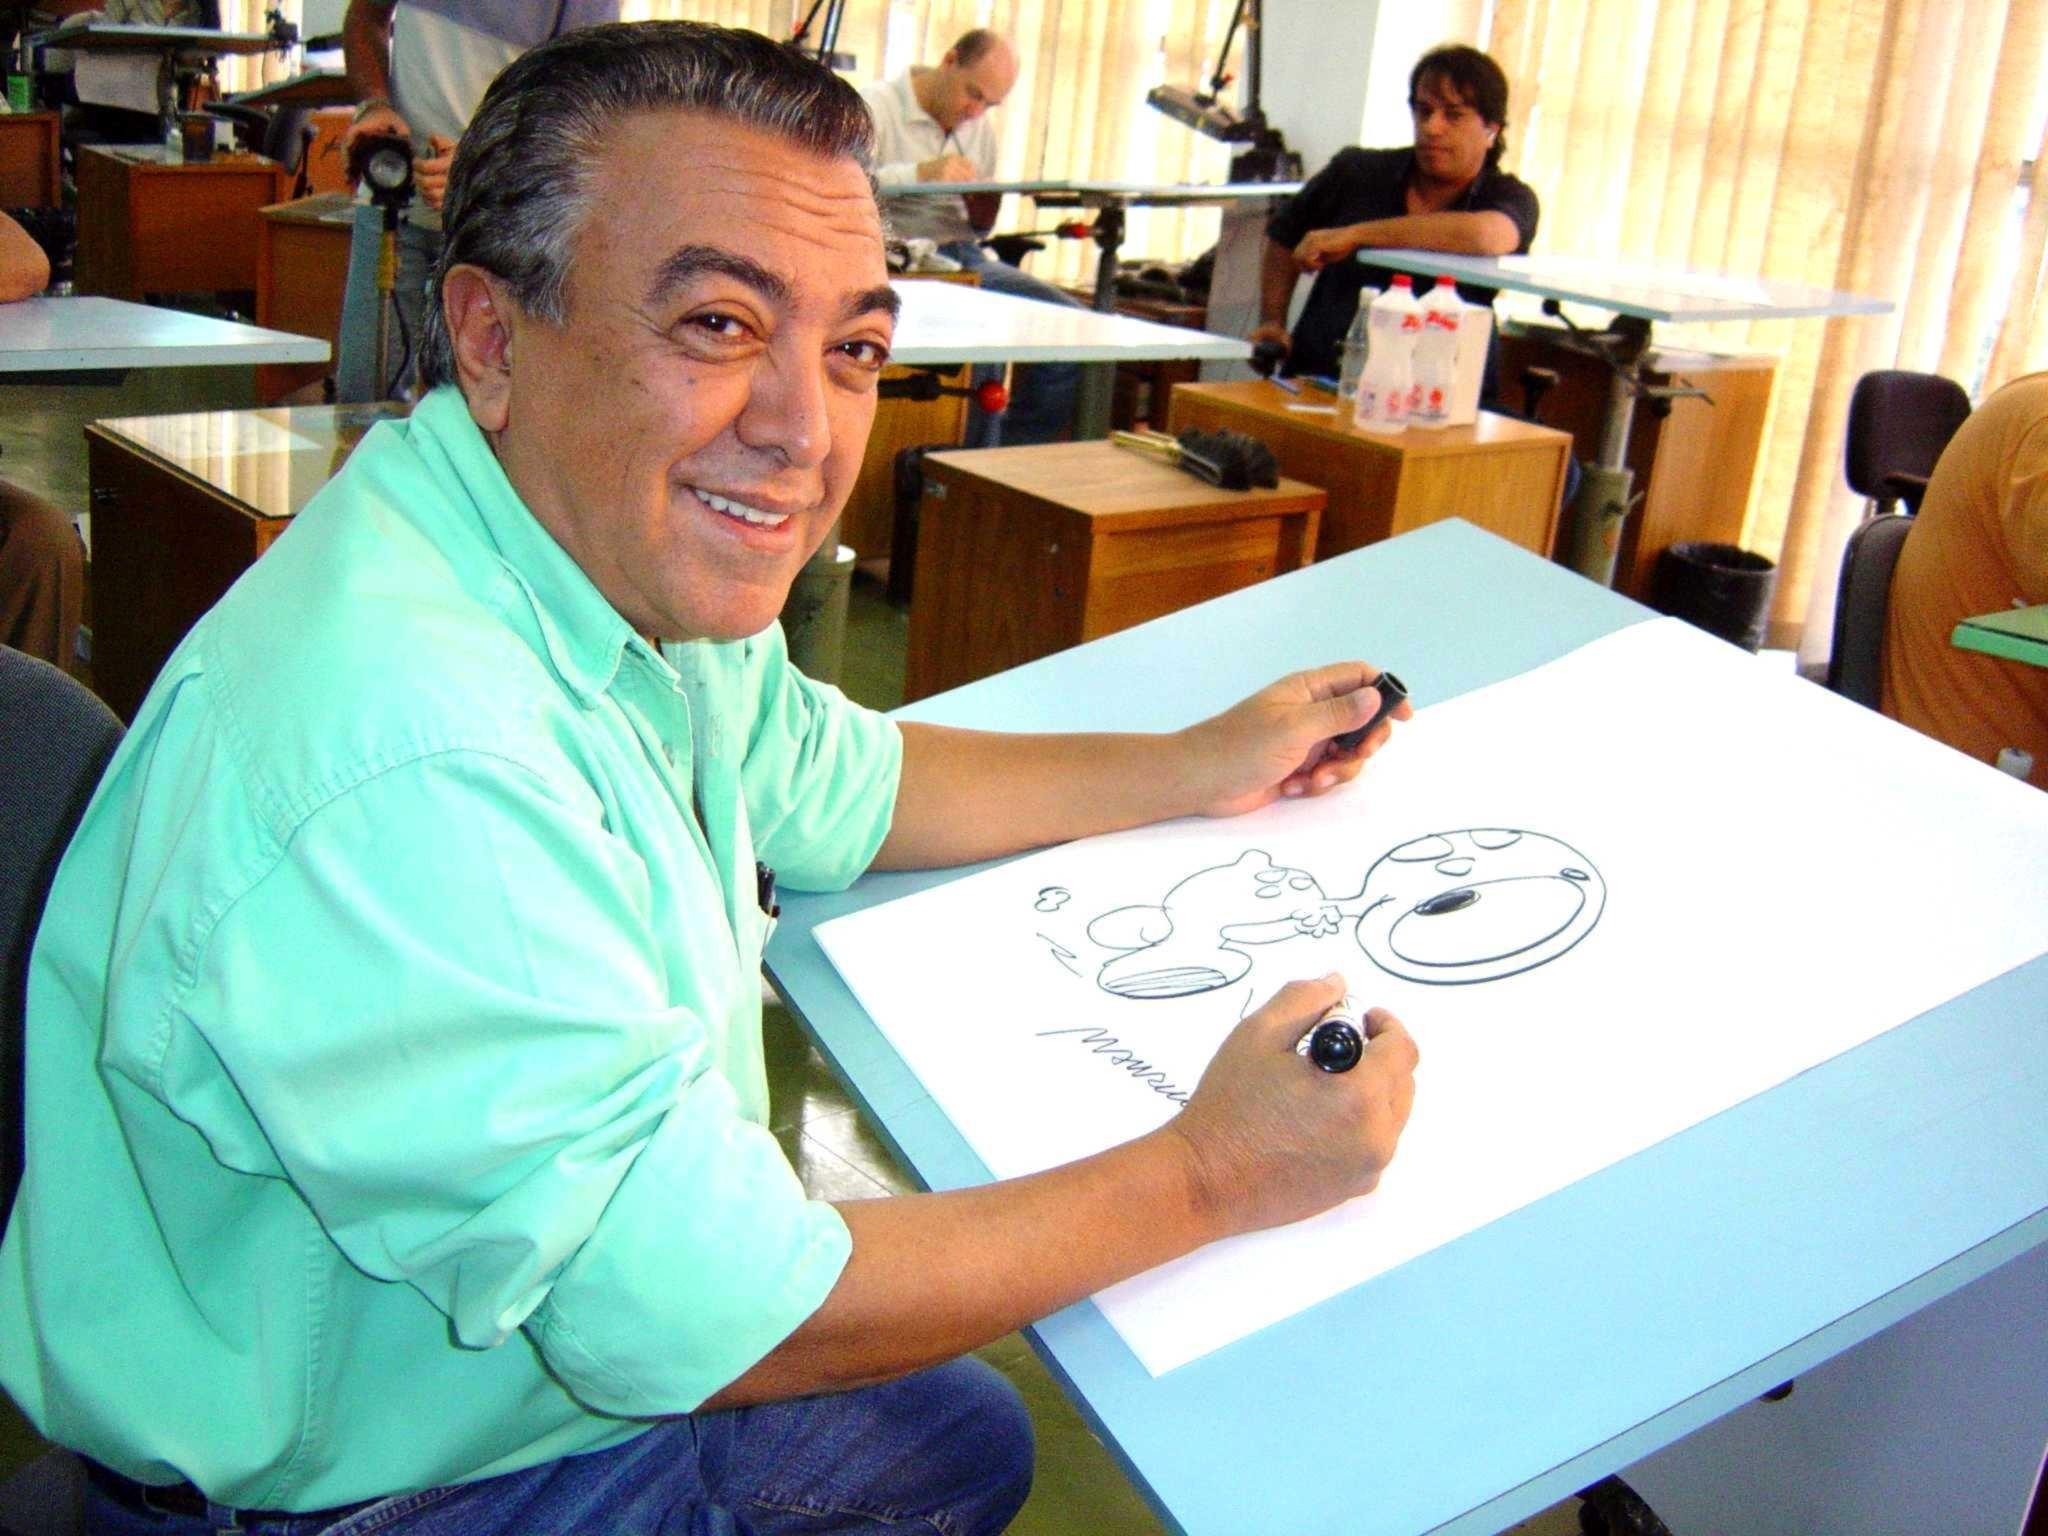 Mauricio de Sousa desenhando